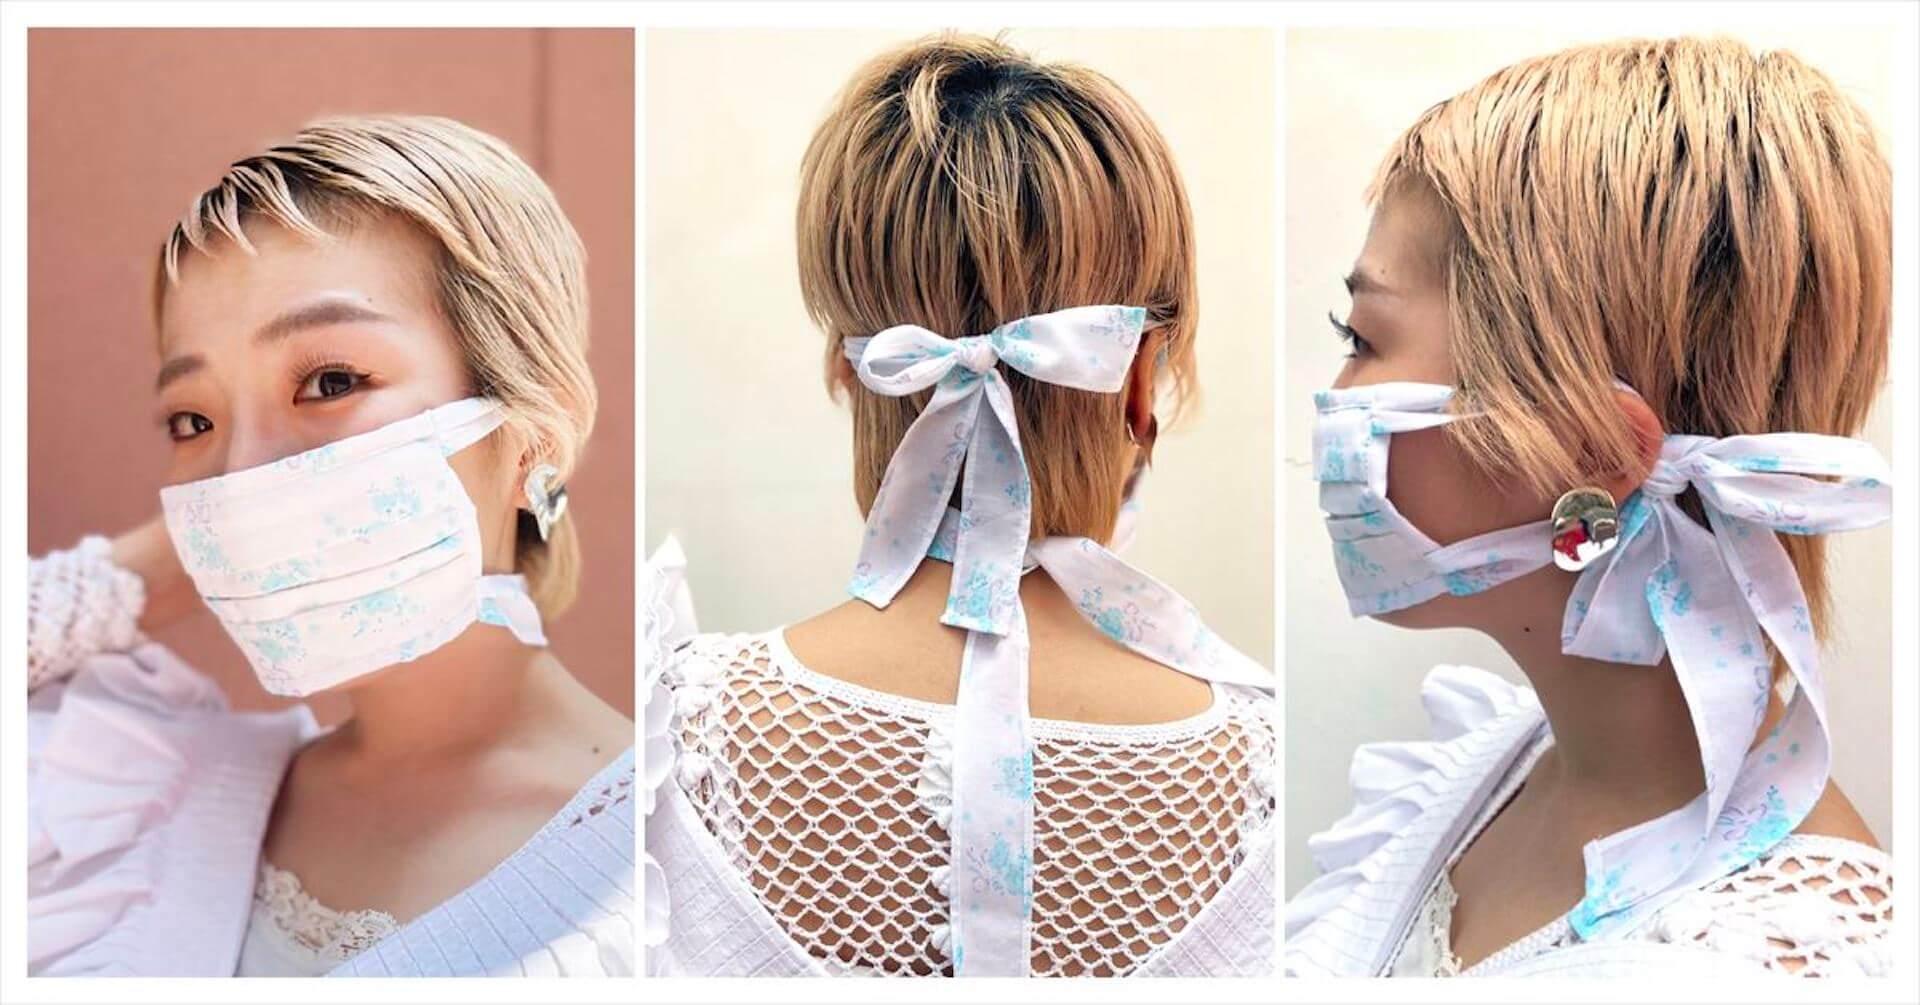 お気に入りの服や生地を持ち込んでマスクを作ろう!進化型古着屋・森がオーダーメイドマスクの受注サービスを開始 lf200619_mask_mori_03